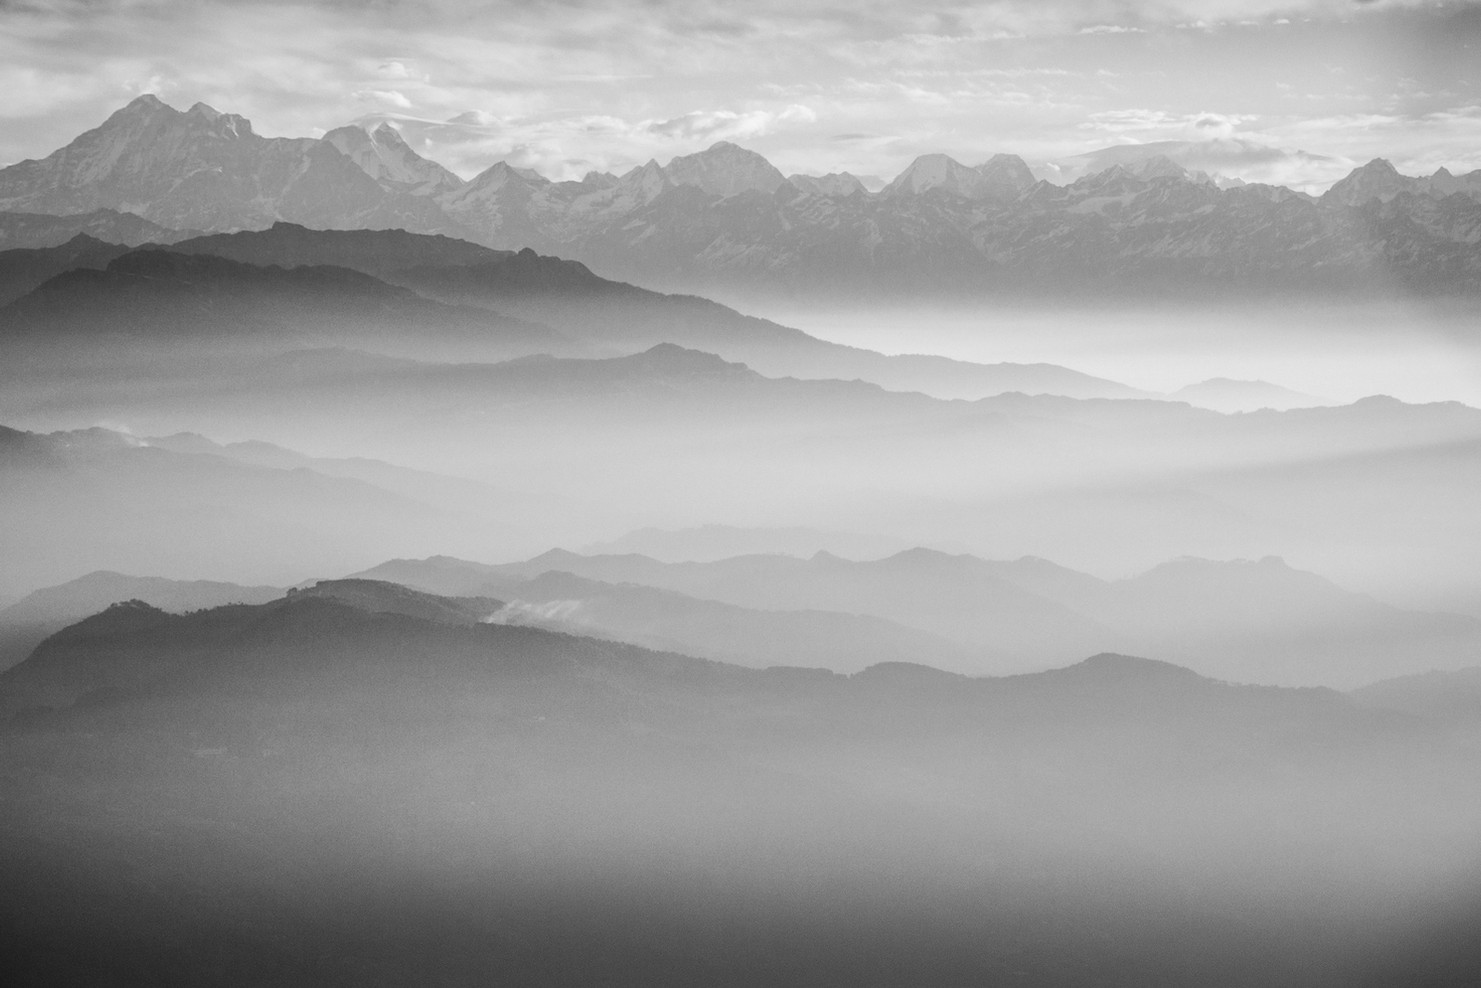 Himalayas Mountains - Landscape - Clouds Claudio Ramírez Landscape & Nature Photography